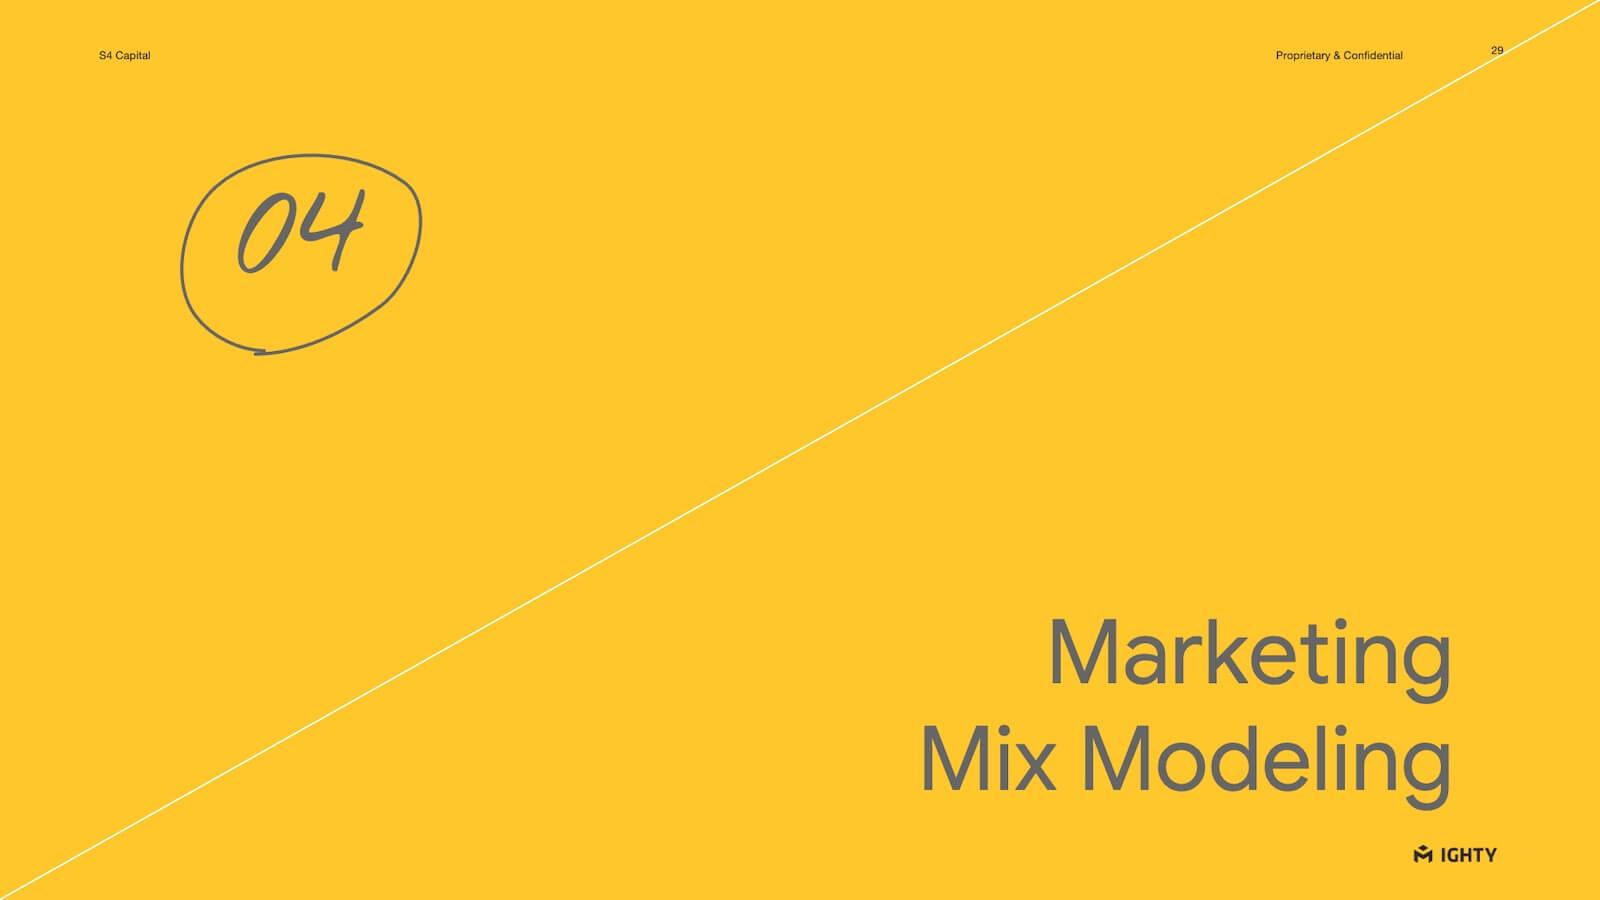 Marketing Mix Modeling